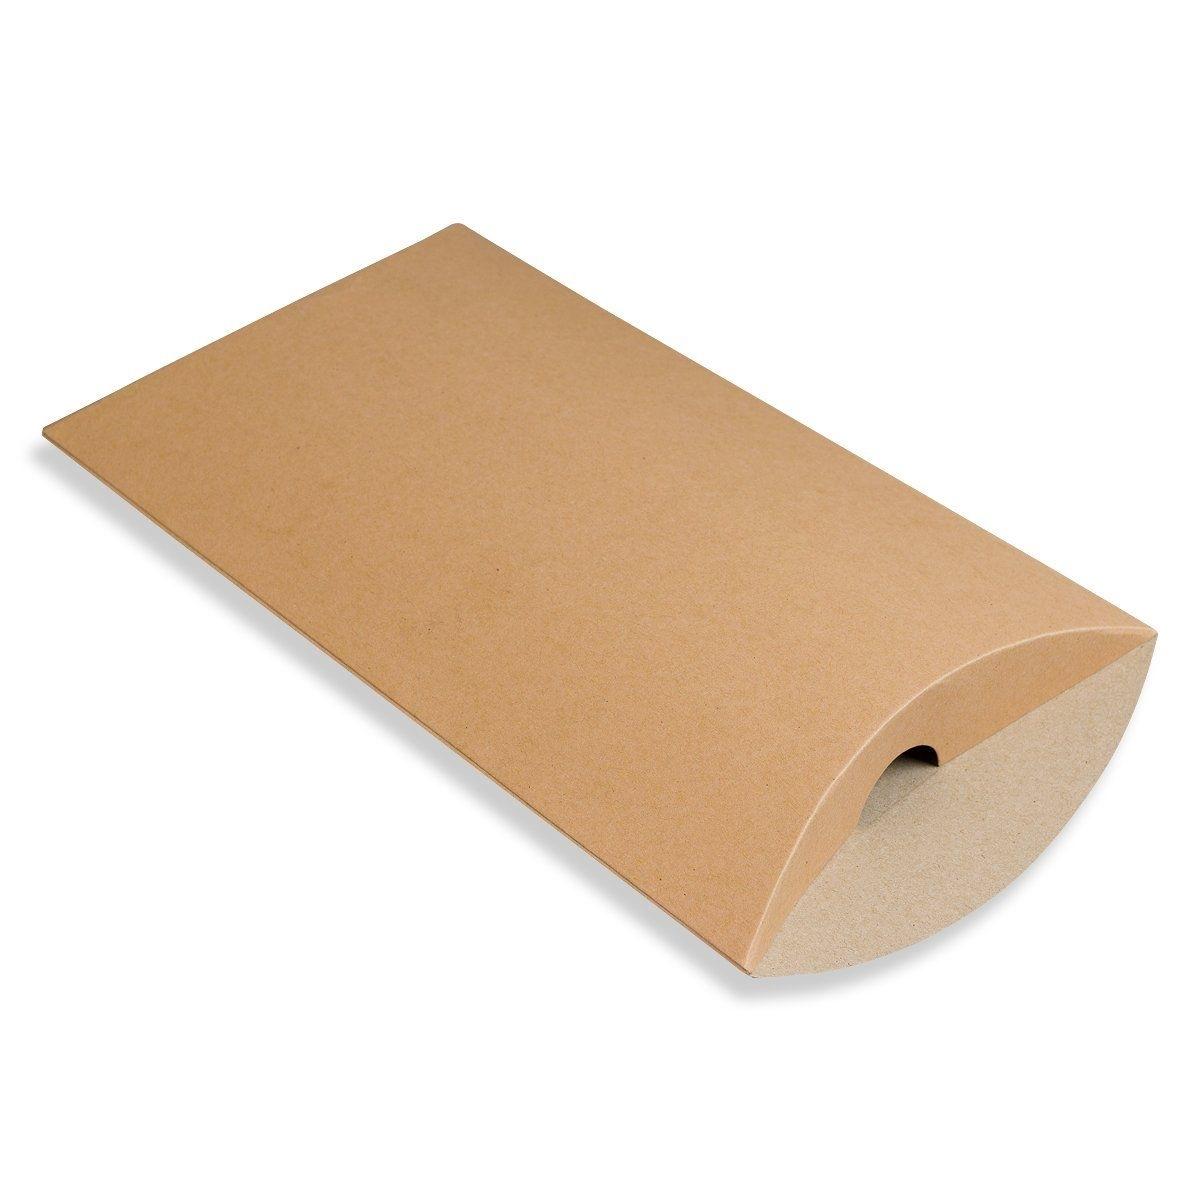 162 x 114 x 35mm Kraft Pillow Boxes - 2